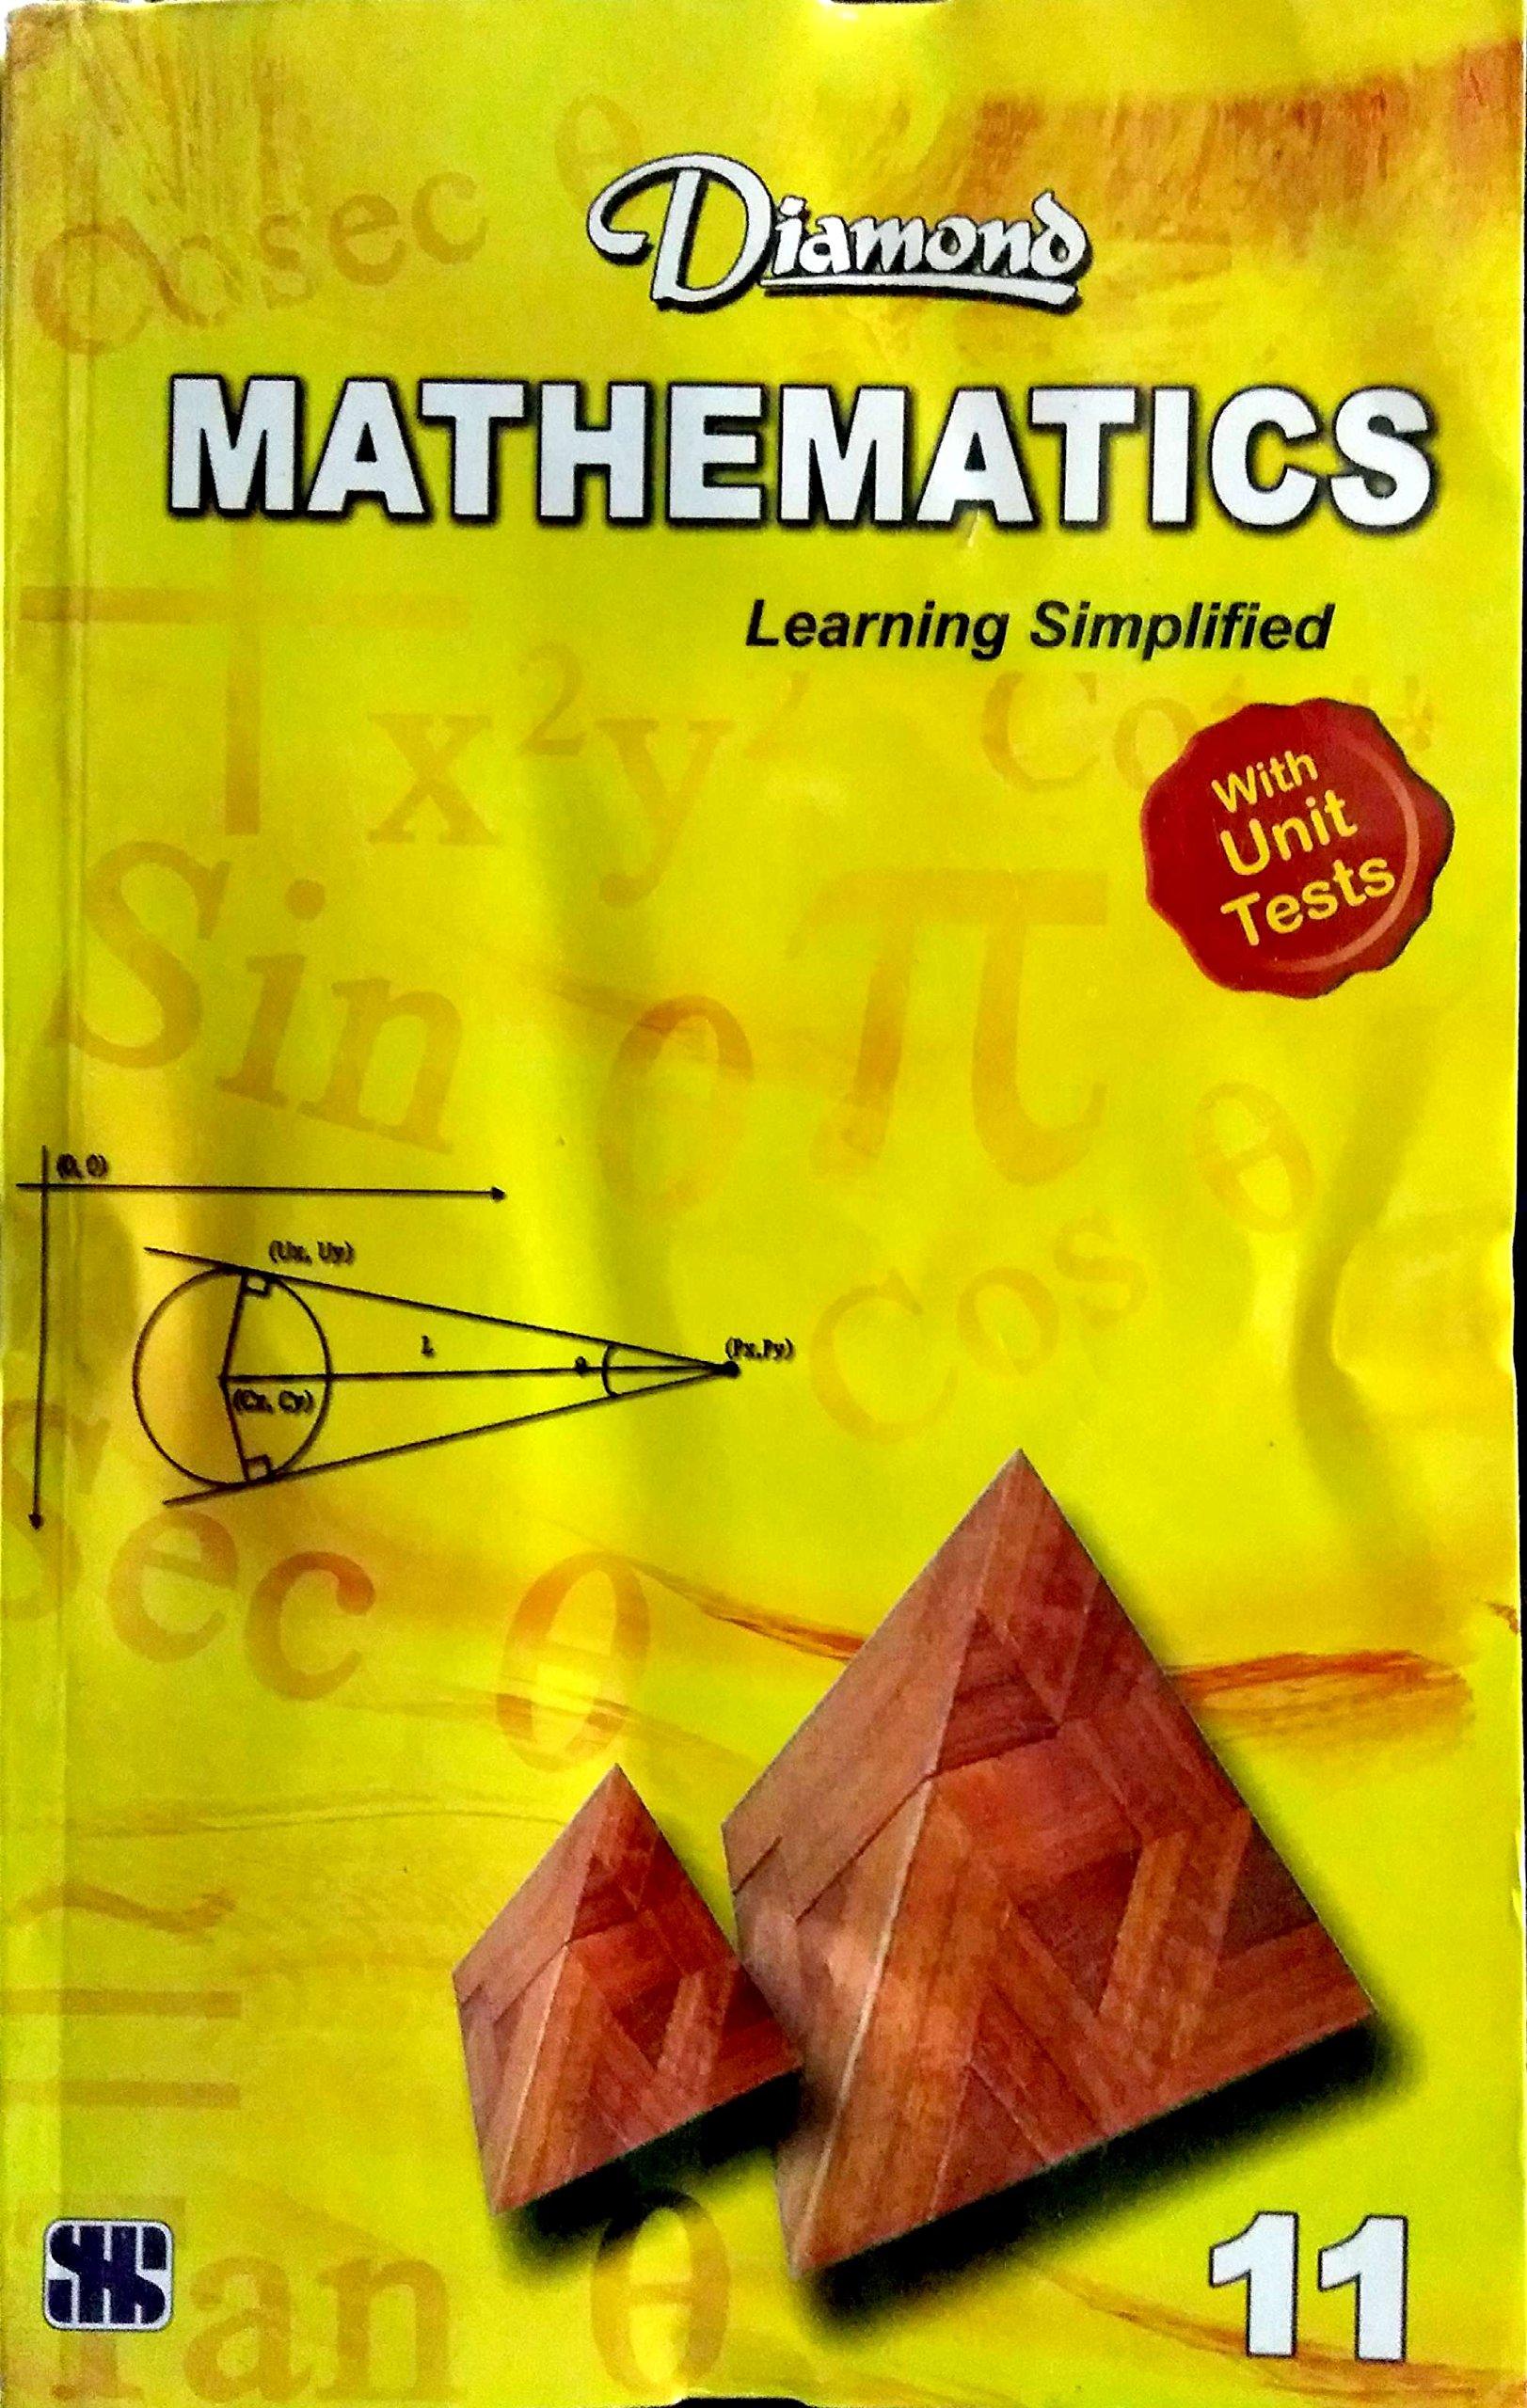 Tamilnadu Textbook Free Download